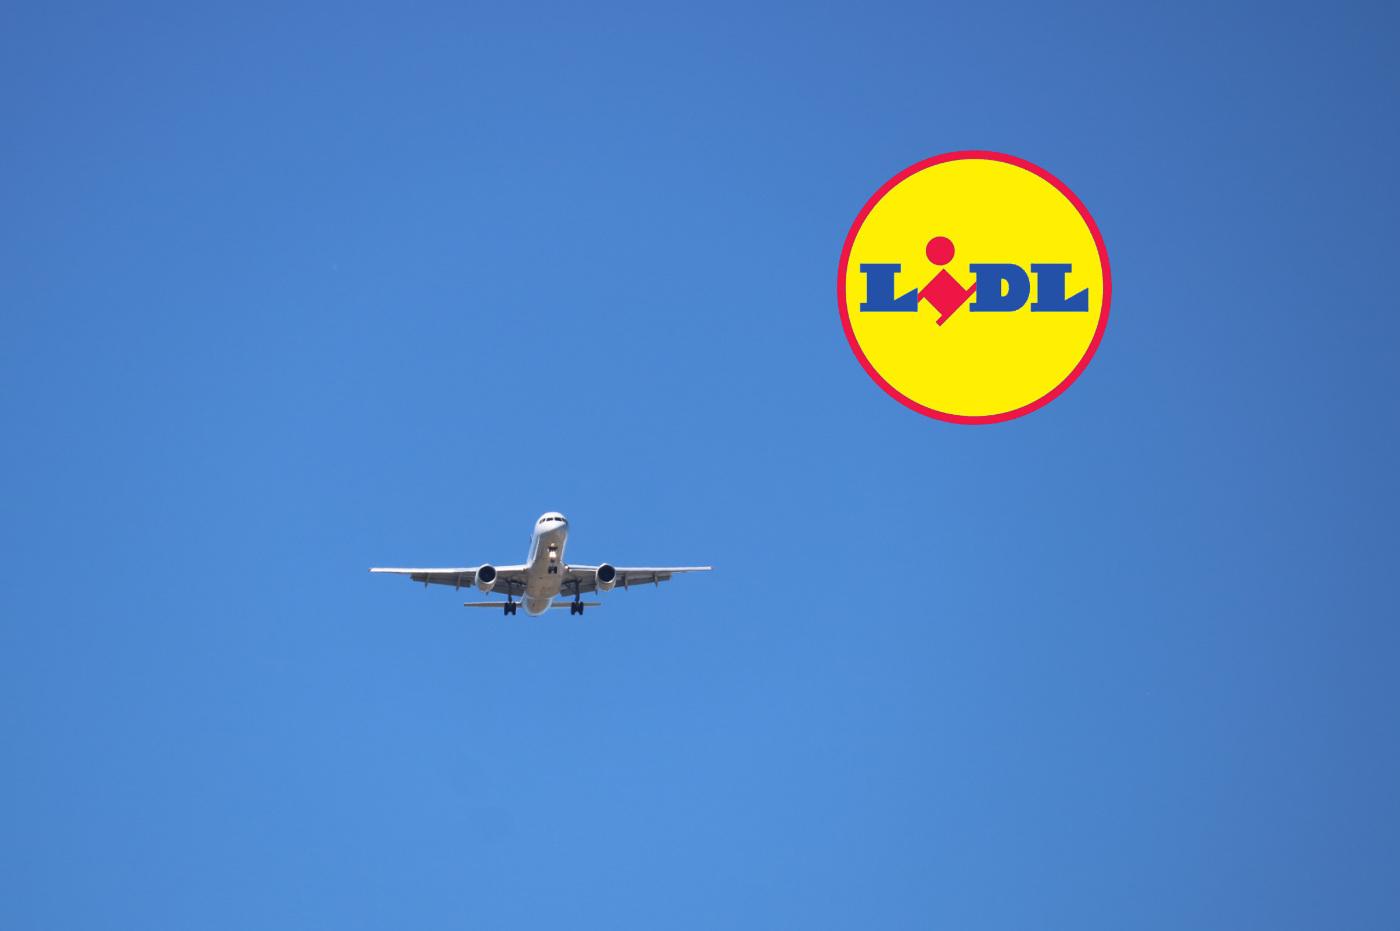 Lidl billet avion